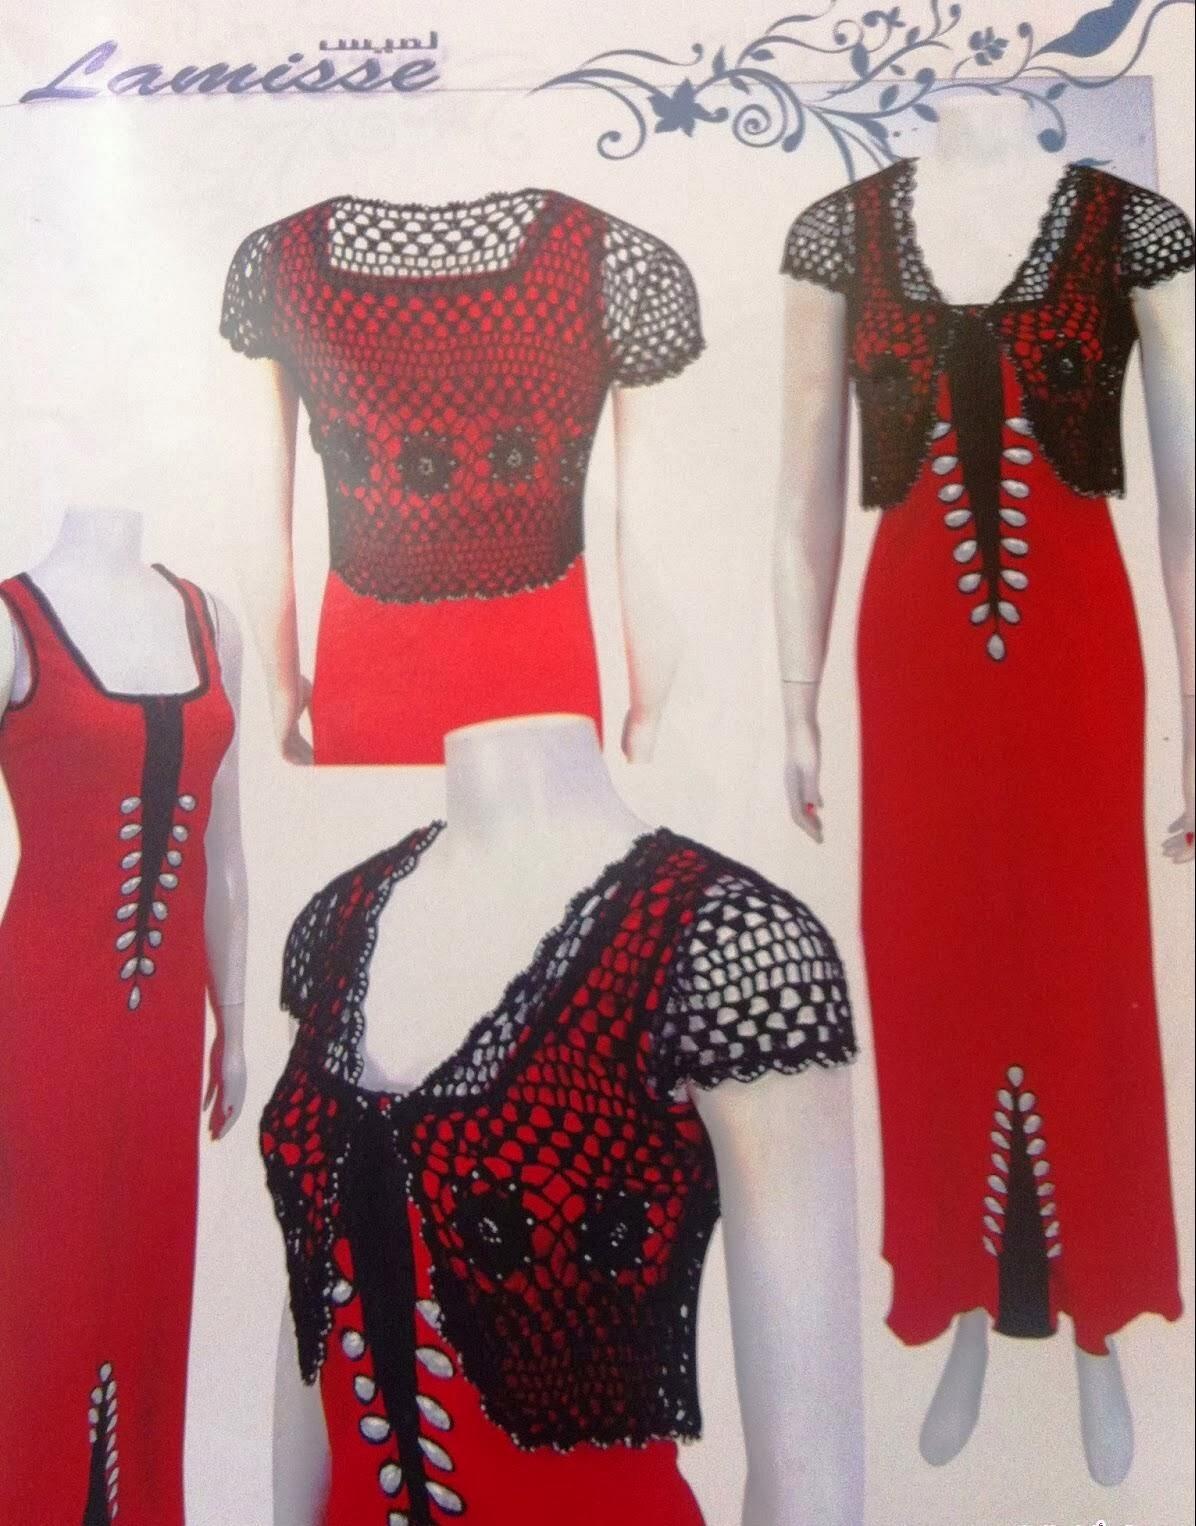 صورة ارواب صيفية جزائرية , صور رائعة لملابس صيفية للجزائري